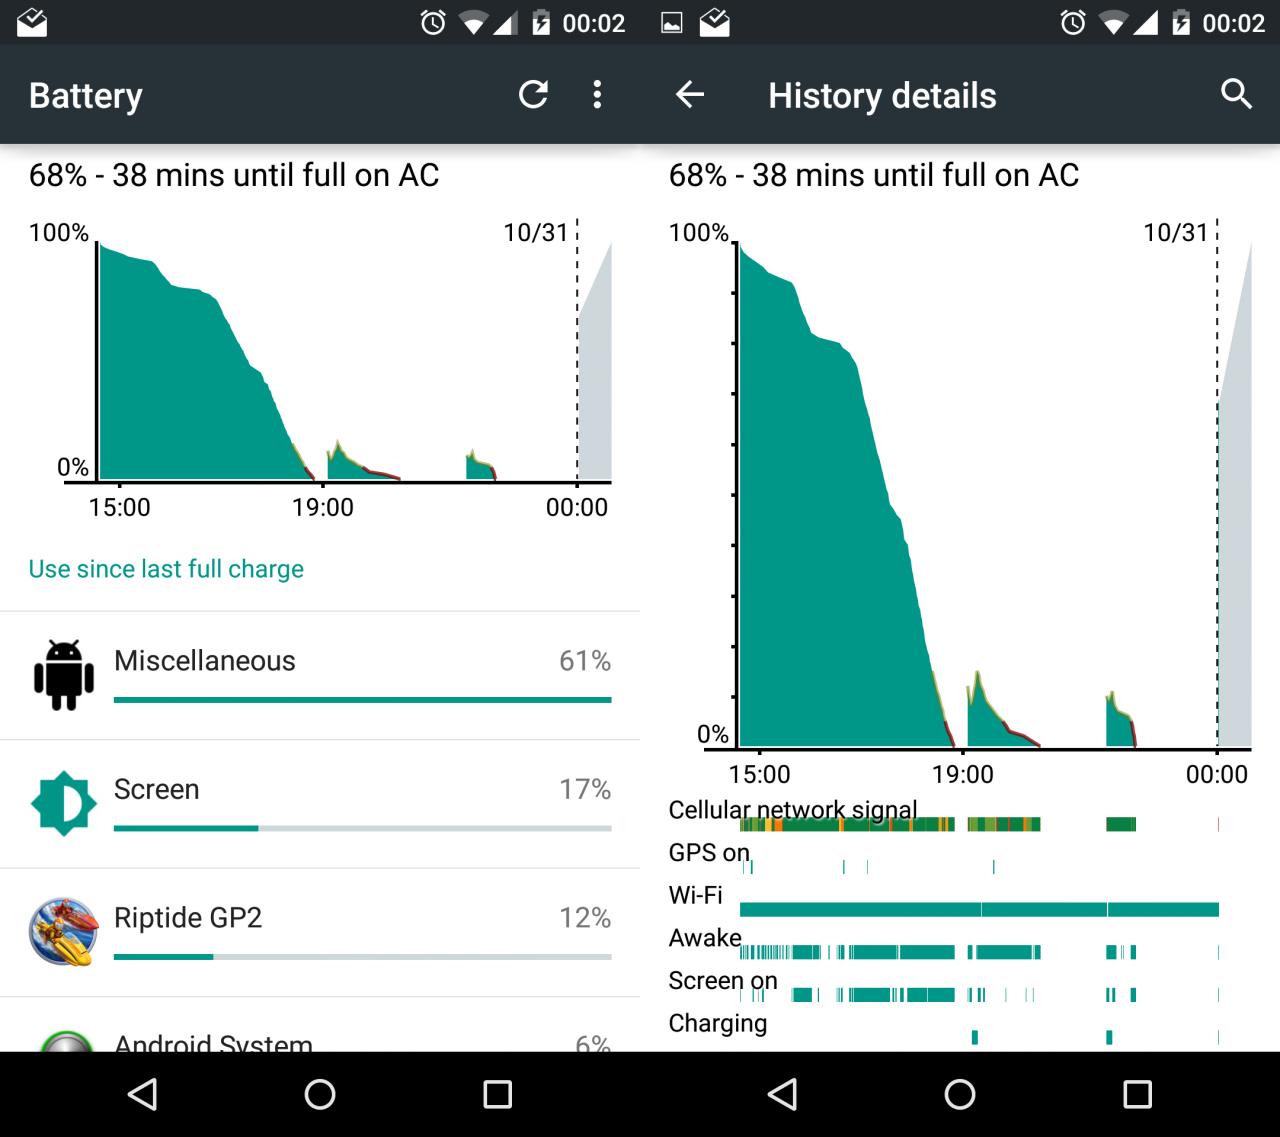 Nexus 5 ha un serio battery drain con l'ultima preview di Lollipop: sarà la ragione del ritardo dell'OTA?